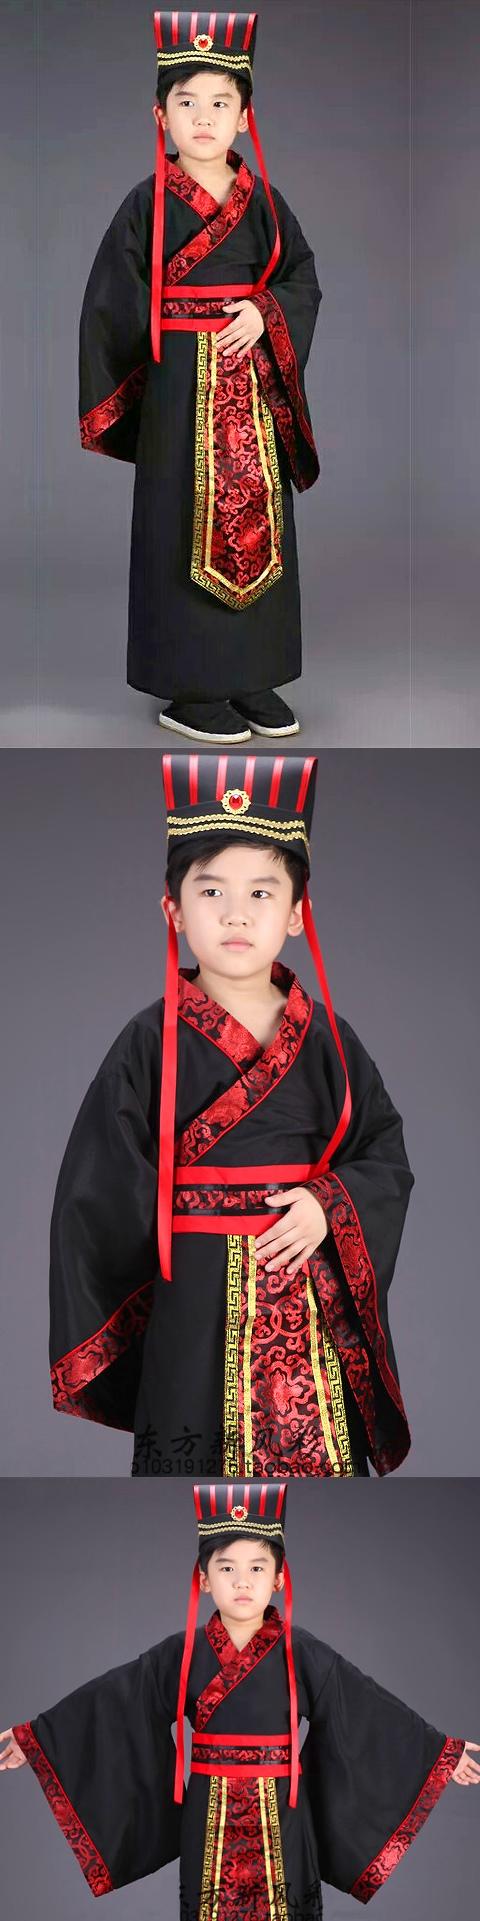 男童漢服(成衣)